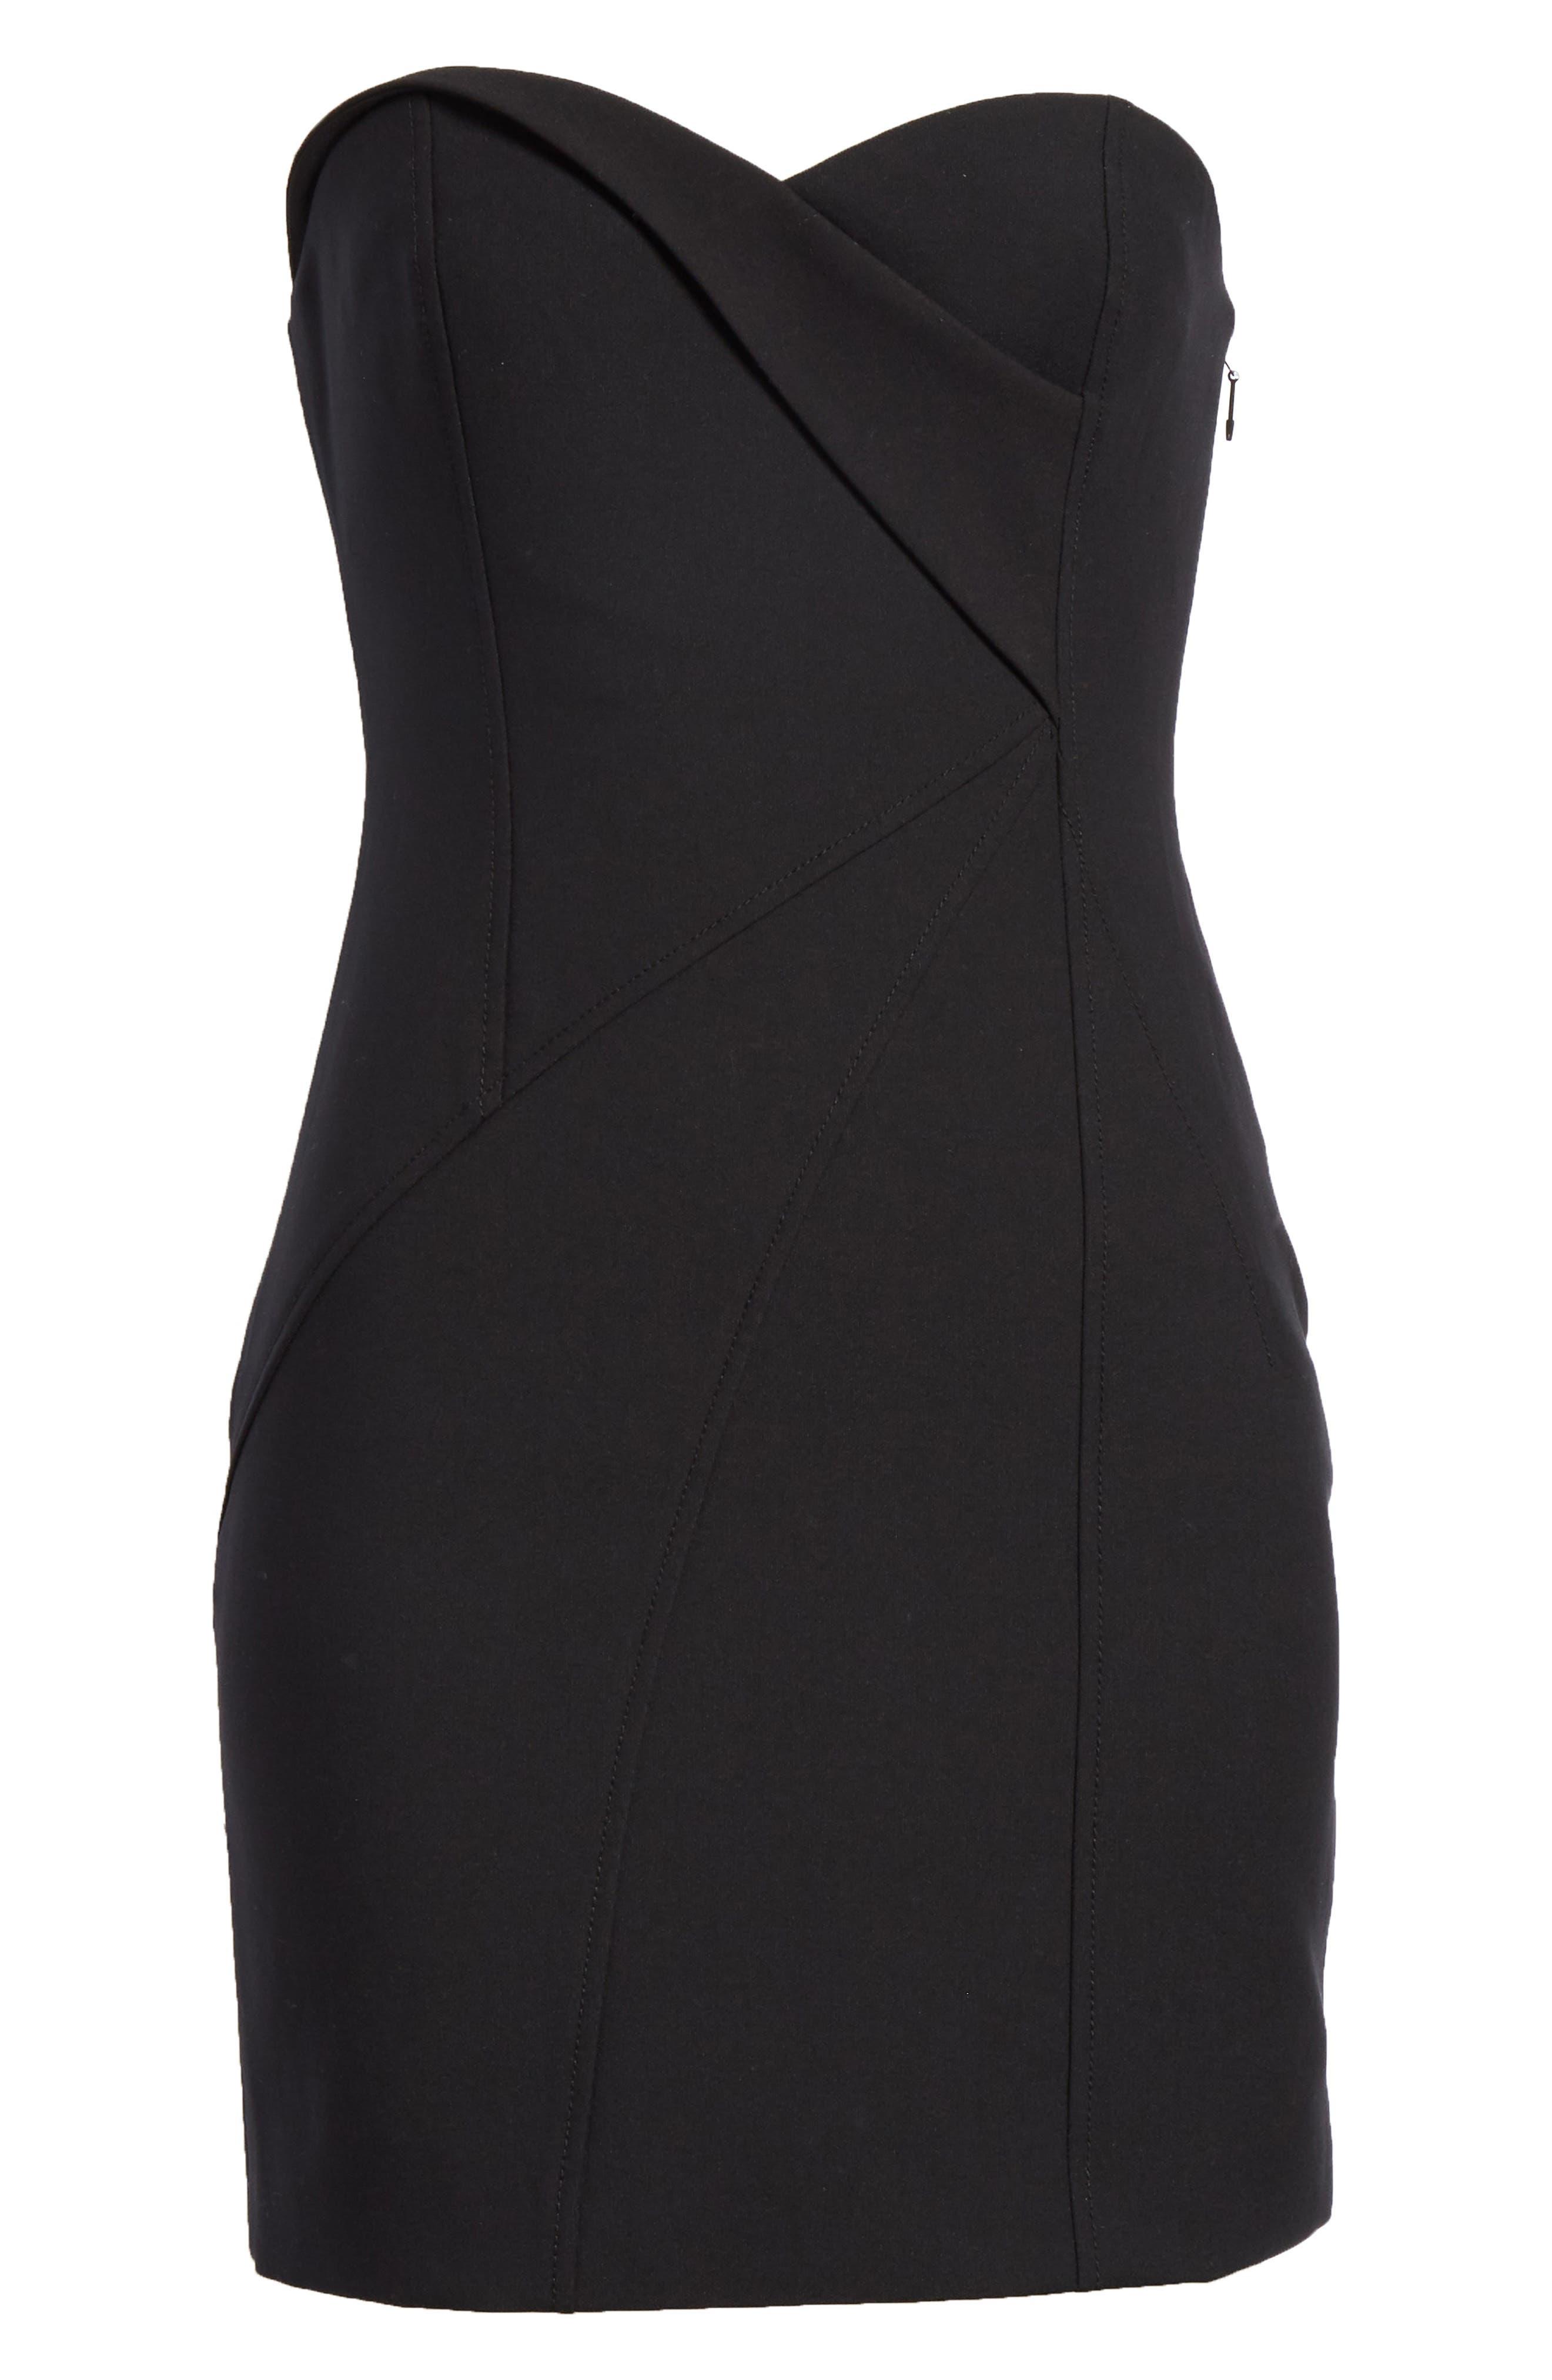 Tristen Strapless Dress,                             Alternate thumbnail 6, color,                             001